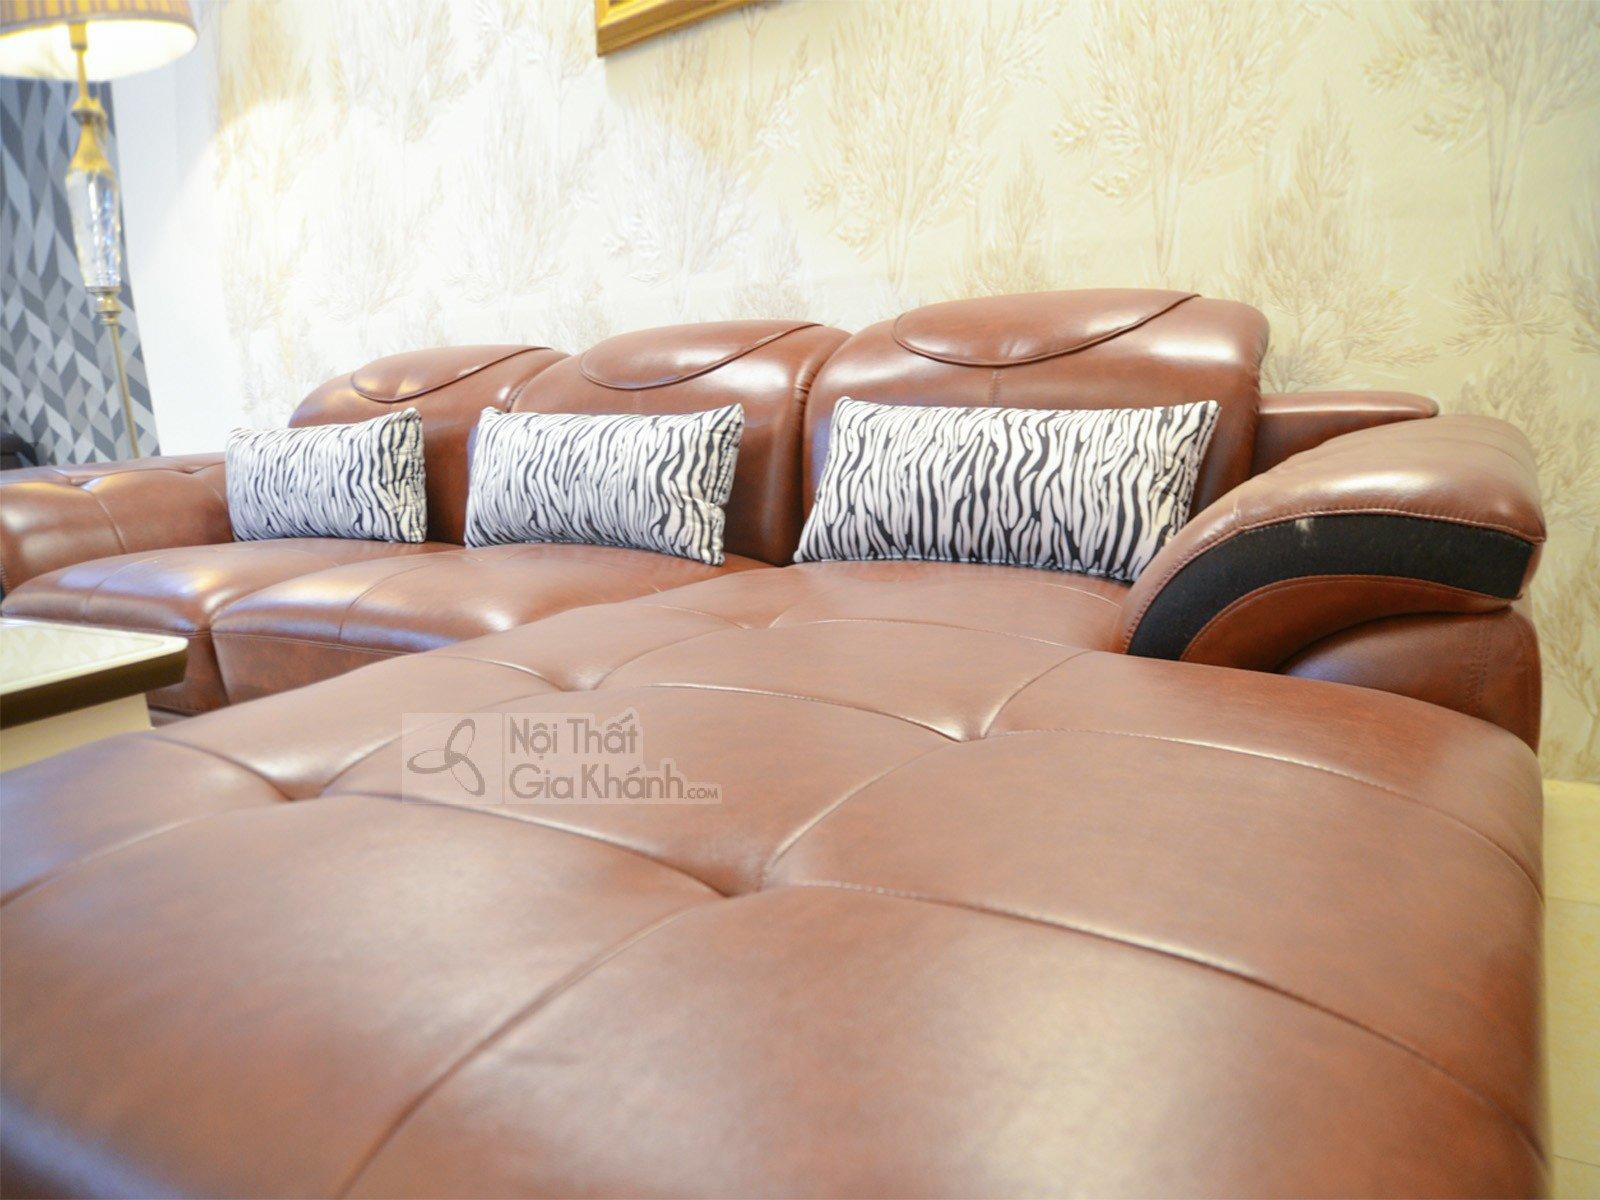 sofa da màu nâu bò 919B 3 - SOFA NÂU BÒ HIỆN ĐẠI 3 BĂNG GÓC TRÁI 9191B-SF